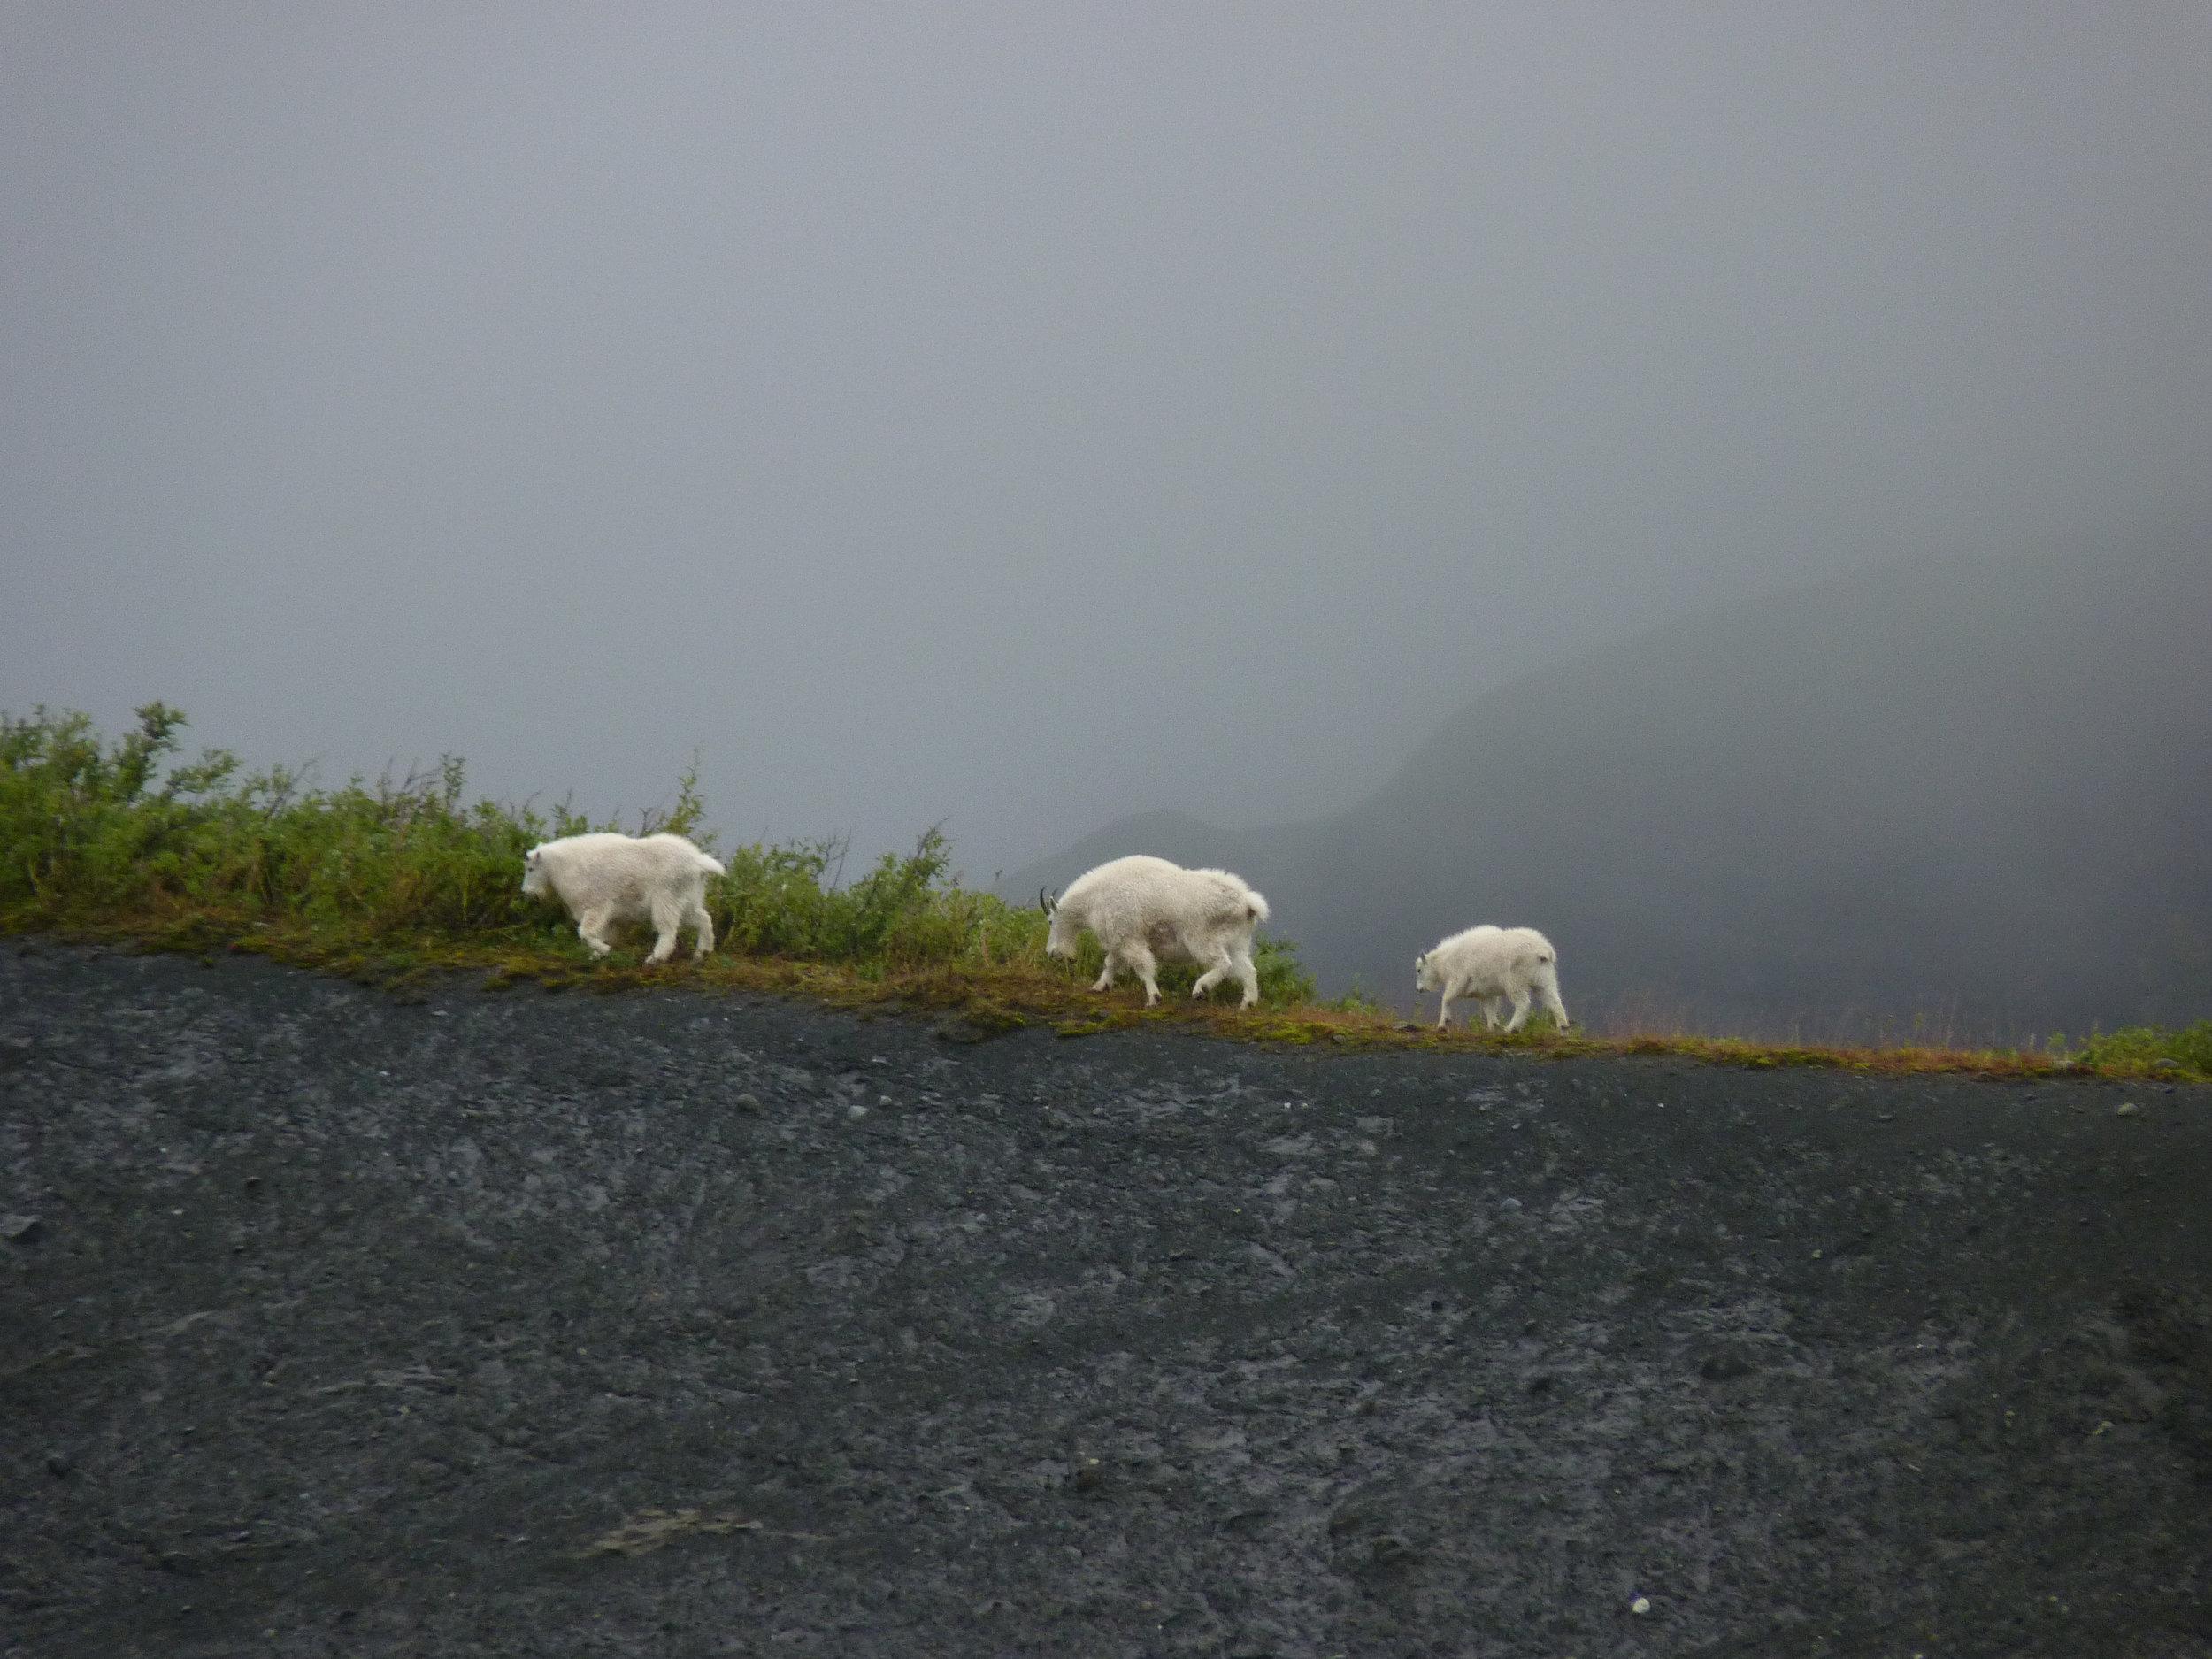 Mountain goats walk through the Wrangell Mountains with ease